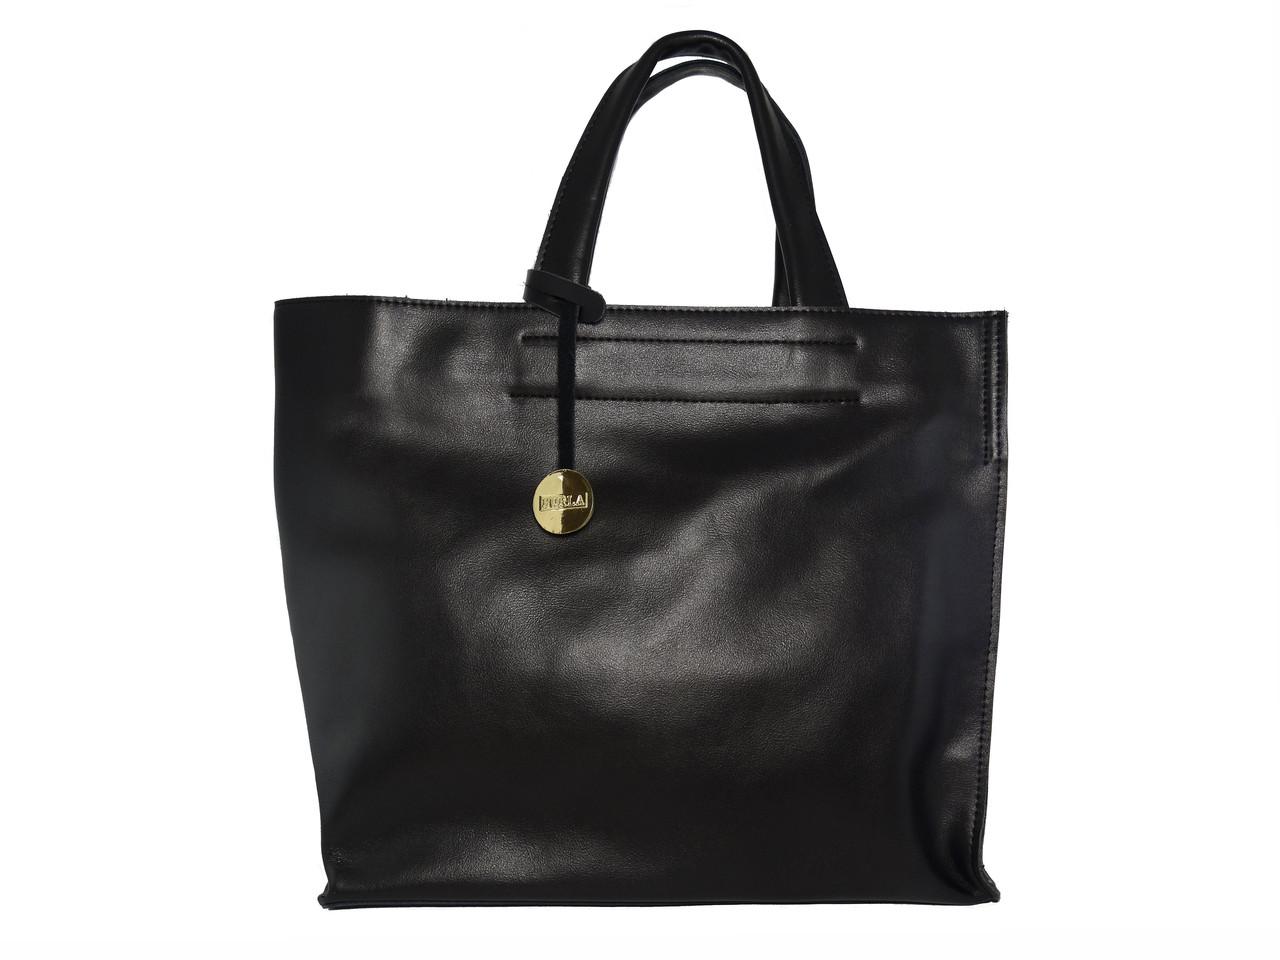 Женская кожаная сумка в стиле Фурла (гладкая) №F222 - Грани в Одессе